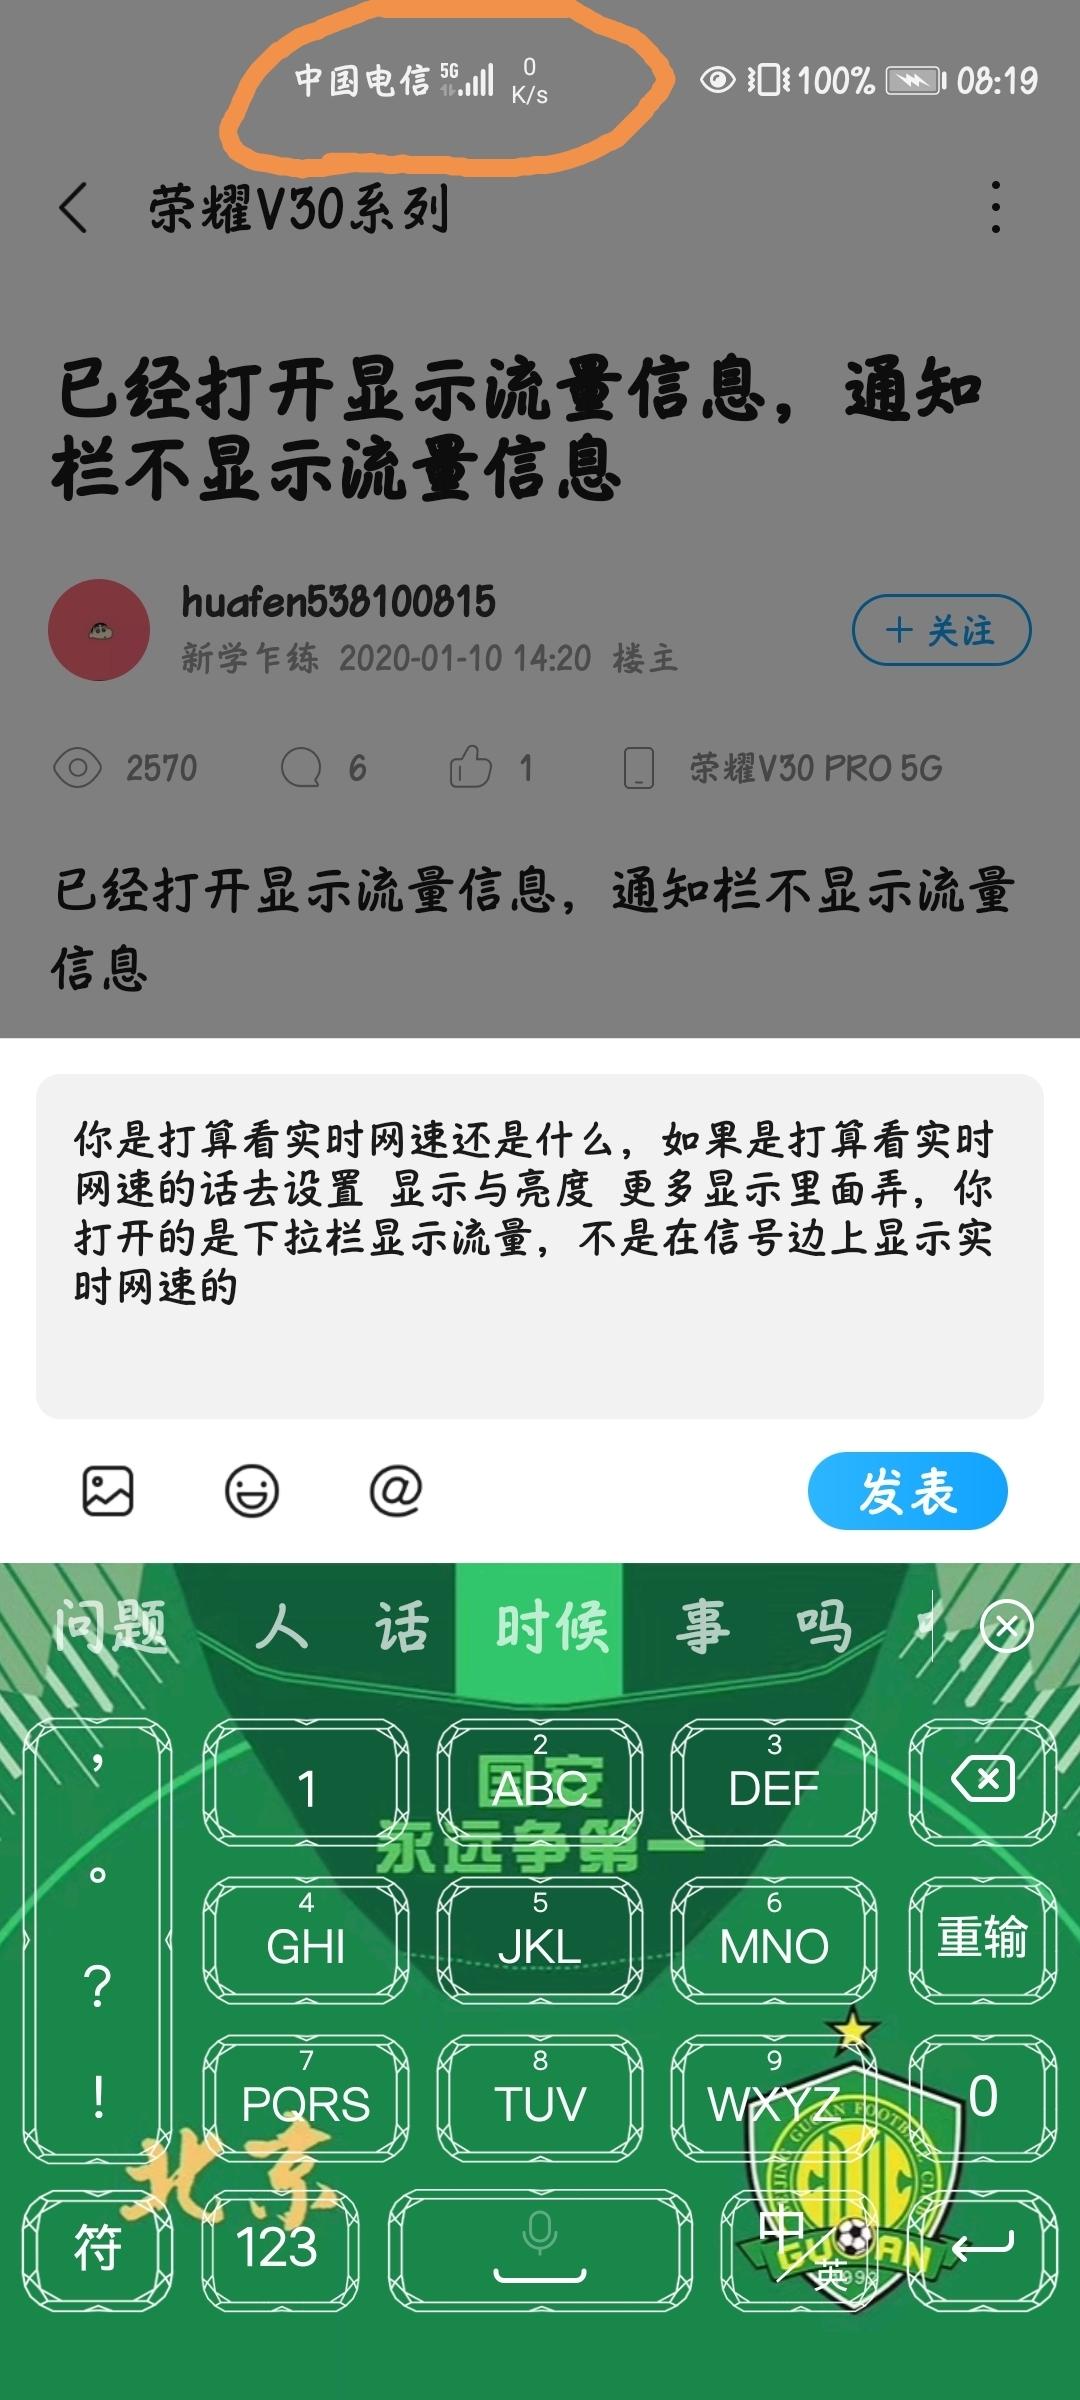 Screenshot_20201011_081952.jpg